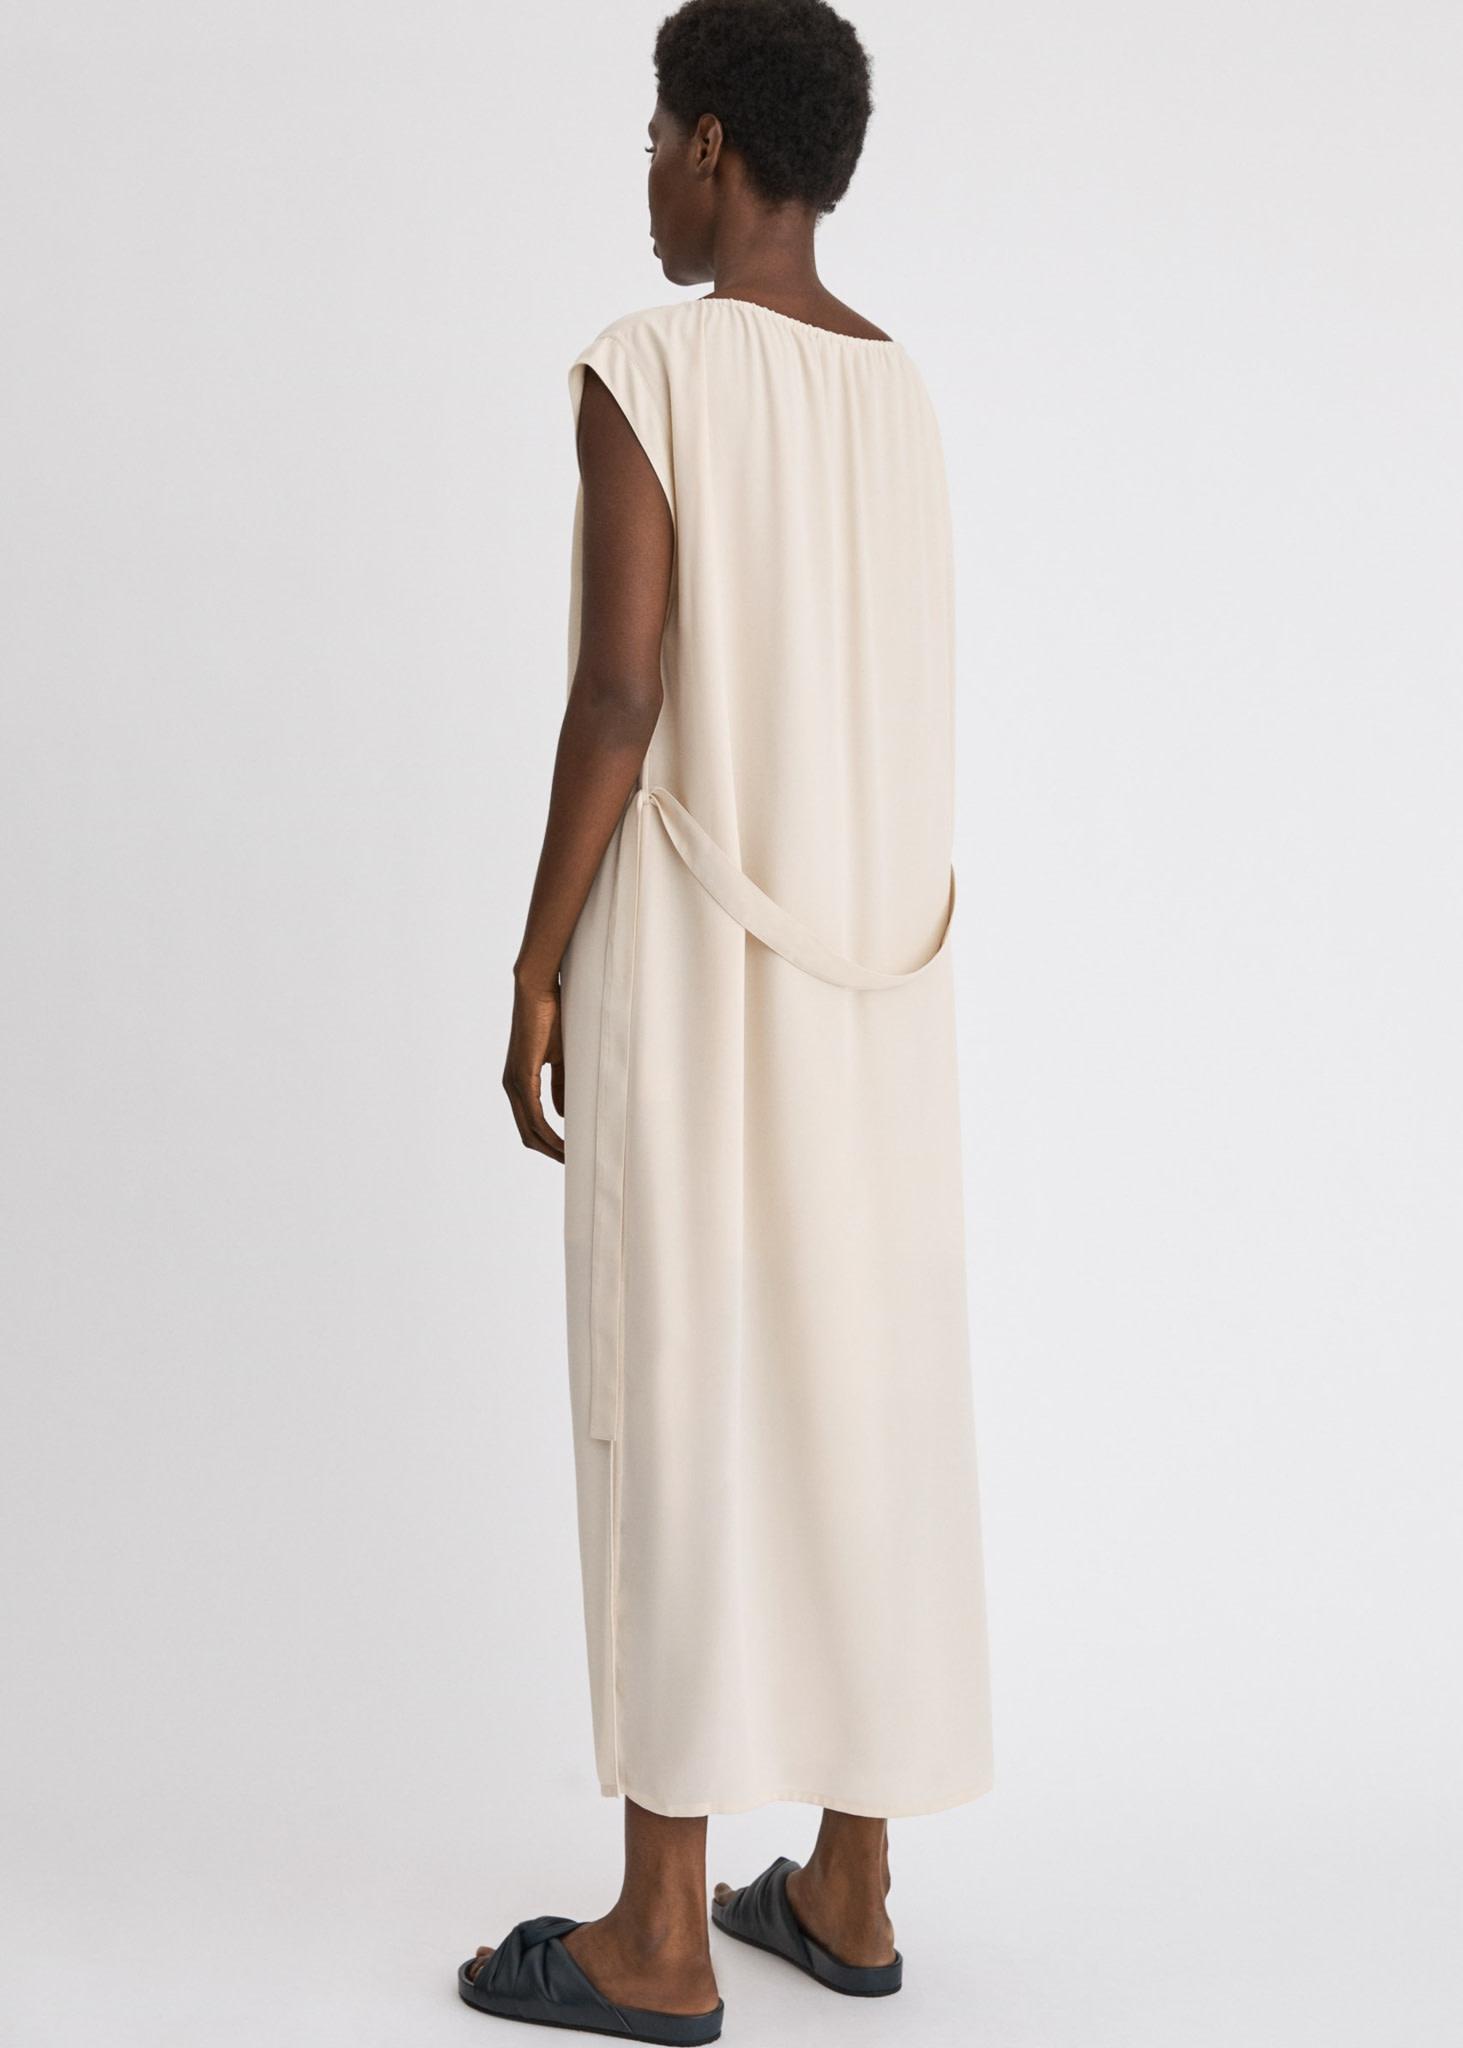 Filippa K Alyssa dress